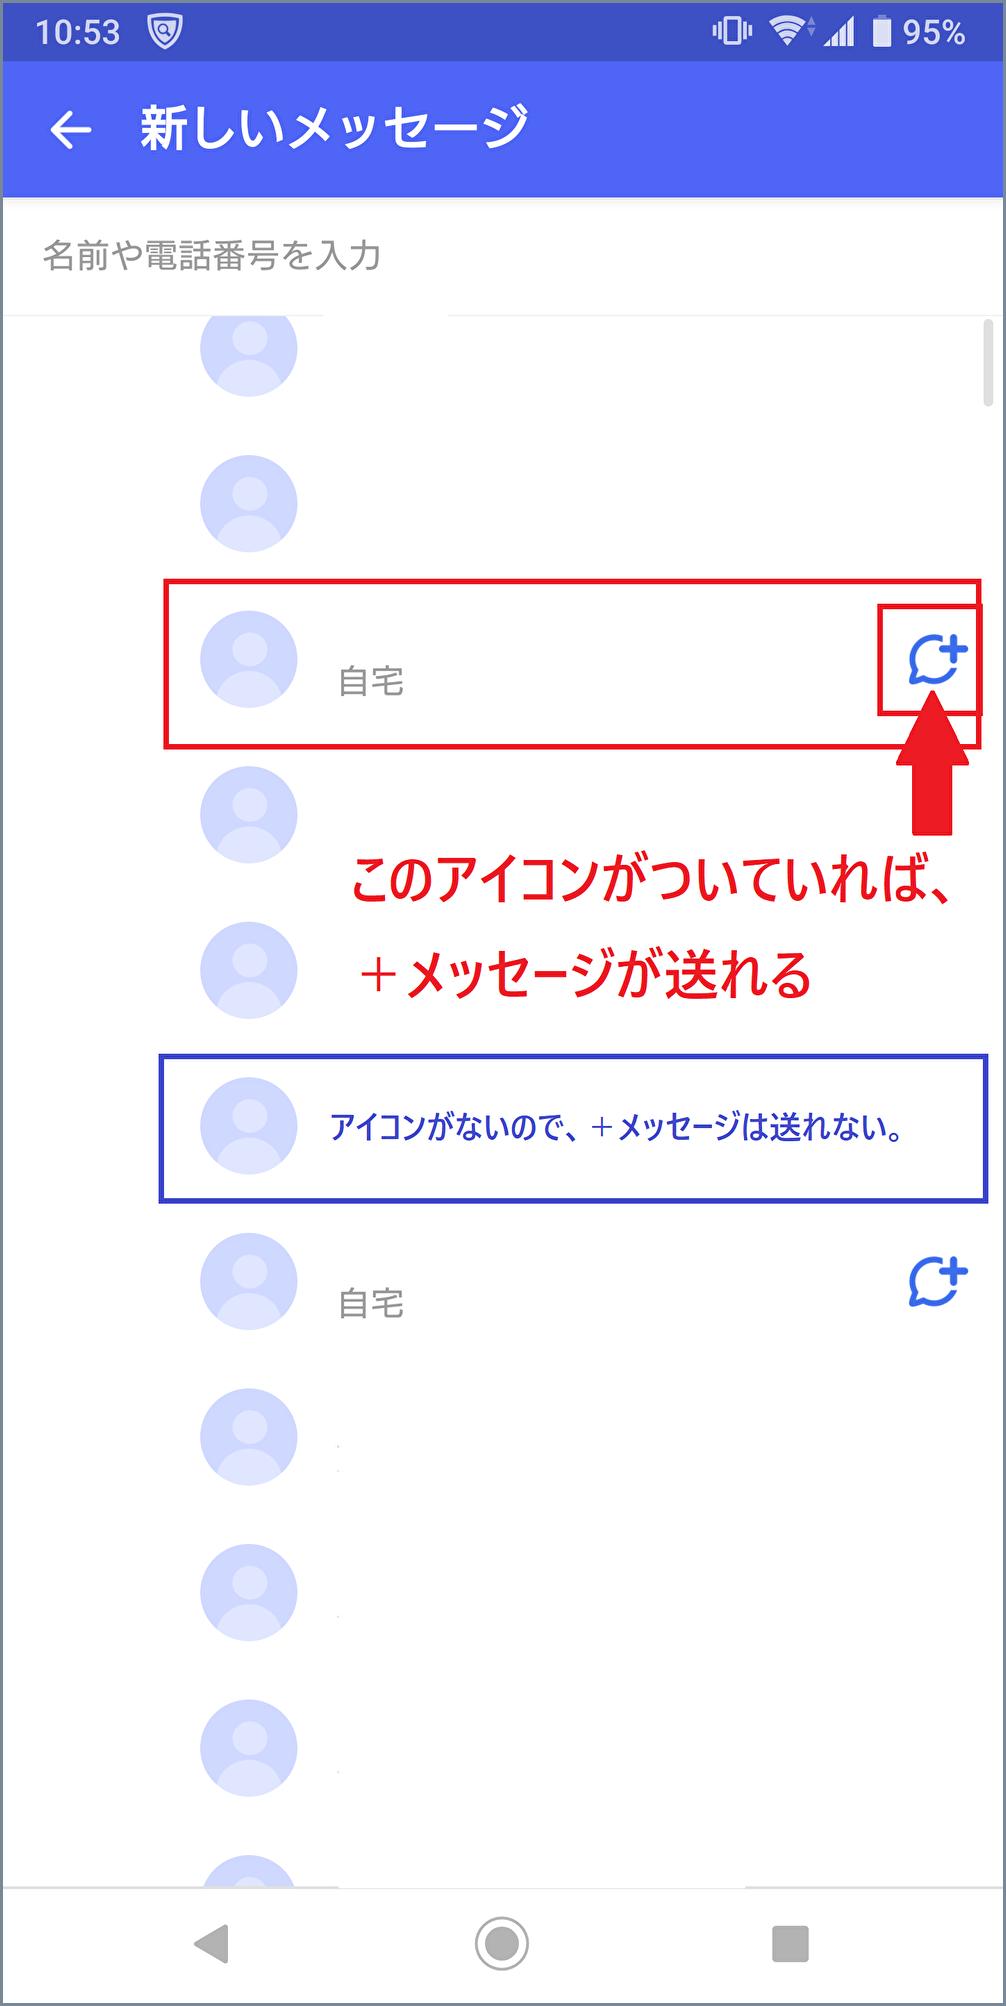 ショートメッセージは進化していた!「+メッセージ(プラスメッセージ)」アプリでさらに使いやすく便利に!